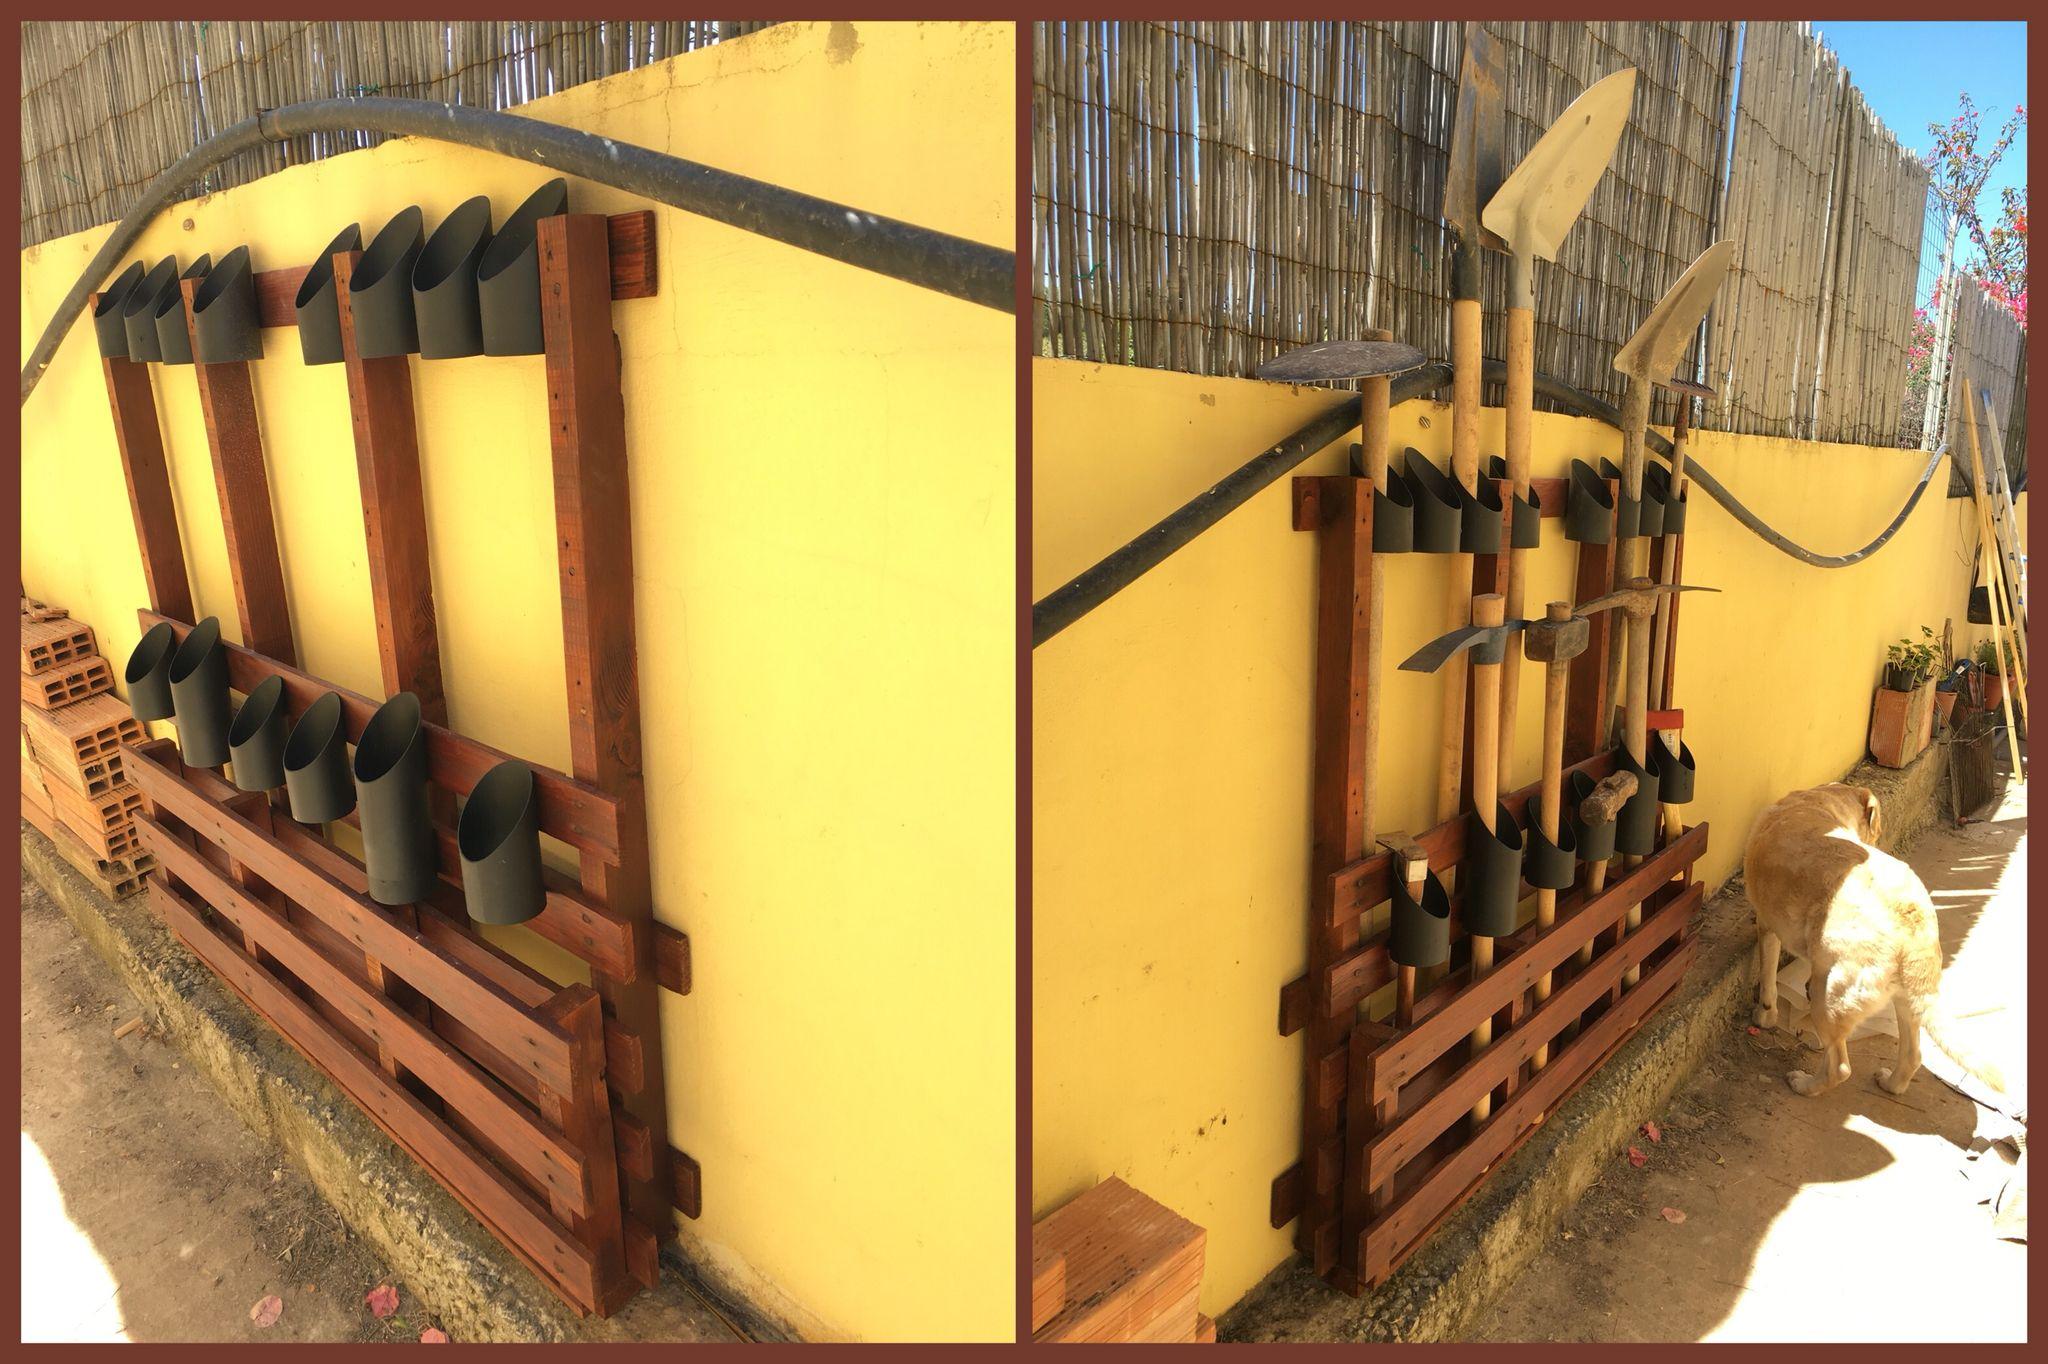 Organizador de ferramentas Reaproveitamento e reciclagem de pallet. Garage/garden organization with pallet.